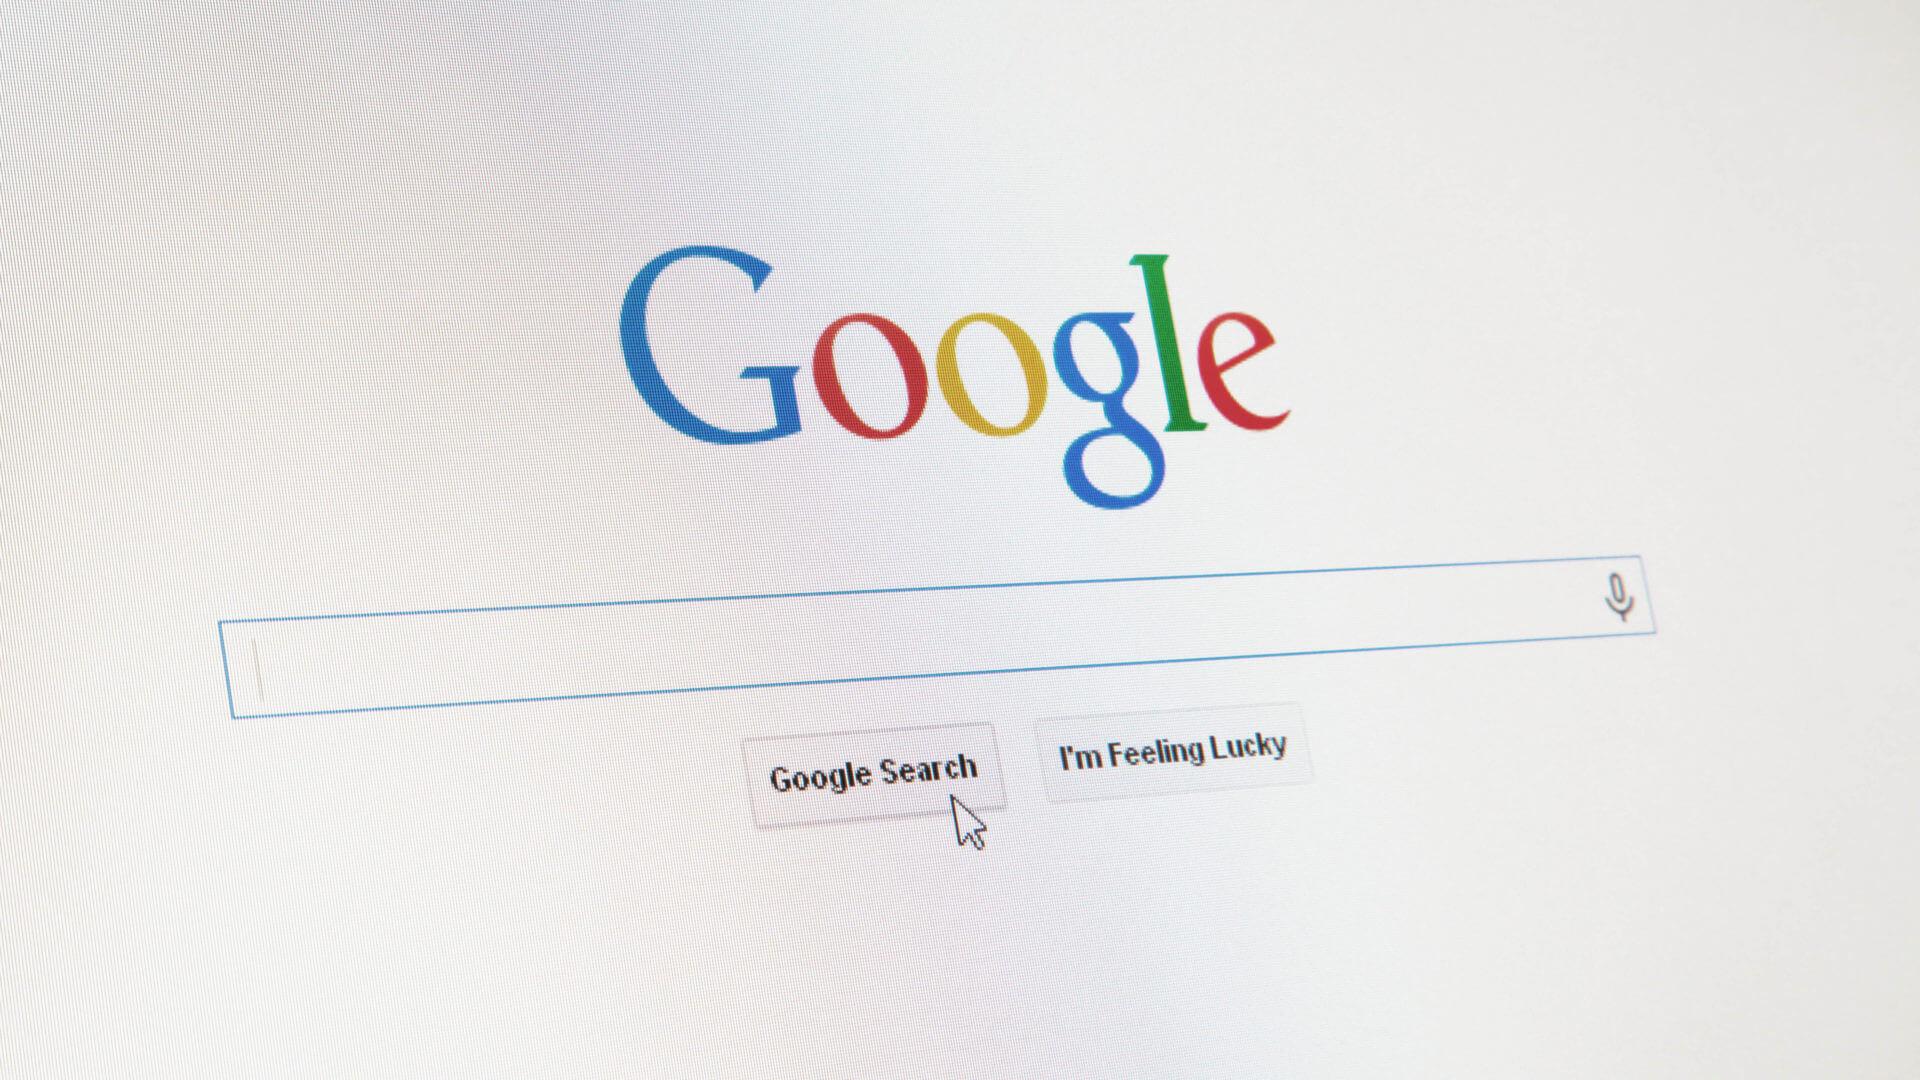 """Google lanza un rediseño de búsqueda de escritorio con etiqueta negra de """"Anuncio"""", favicons para resultados orgánicos"""